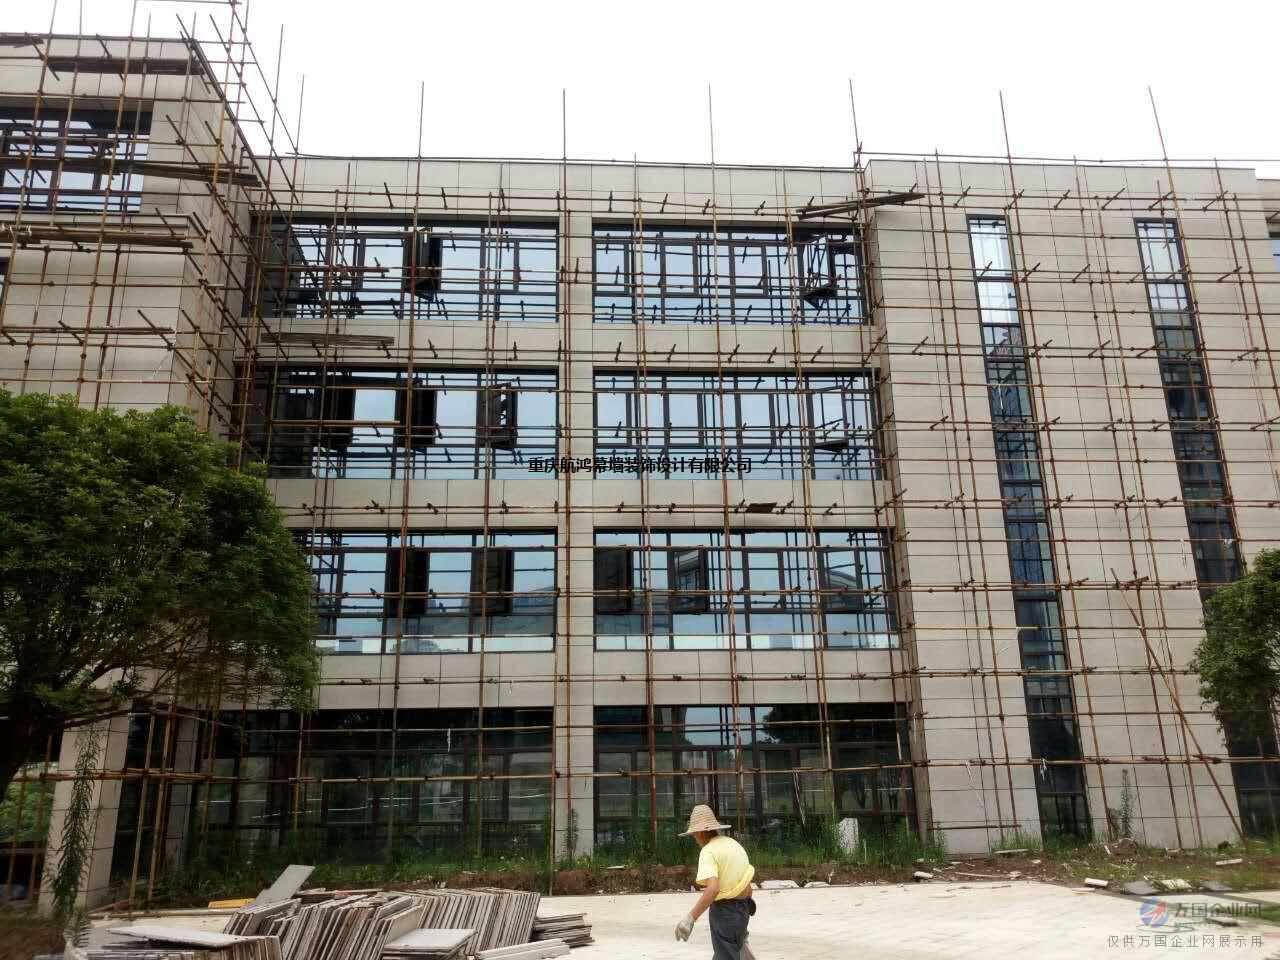 重庆荣昌区外墙翻新|荣昌区幕墙改造|设计安装重庆航鸿幕墙公司